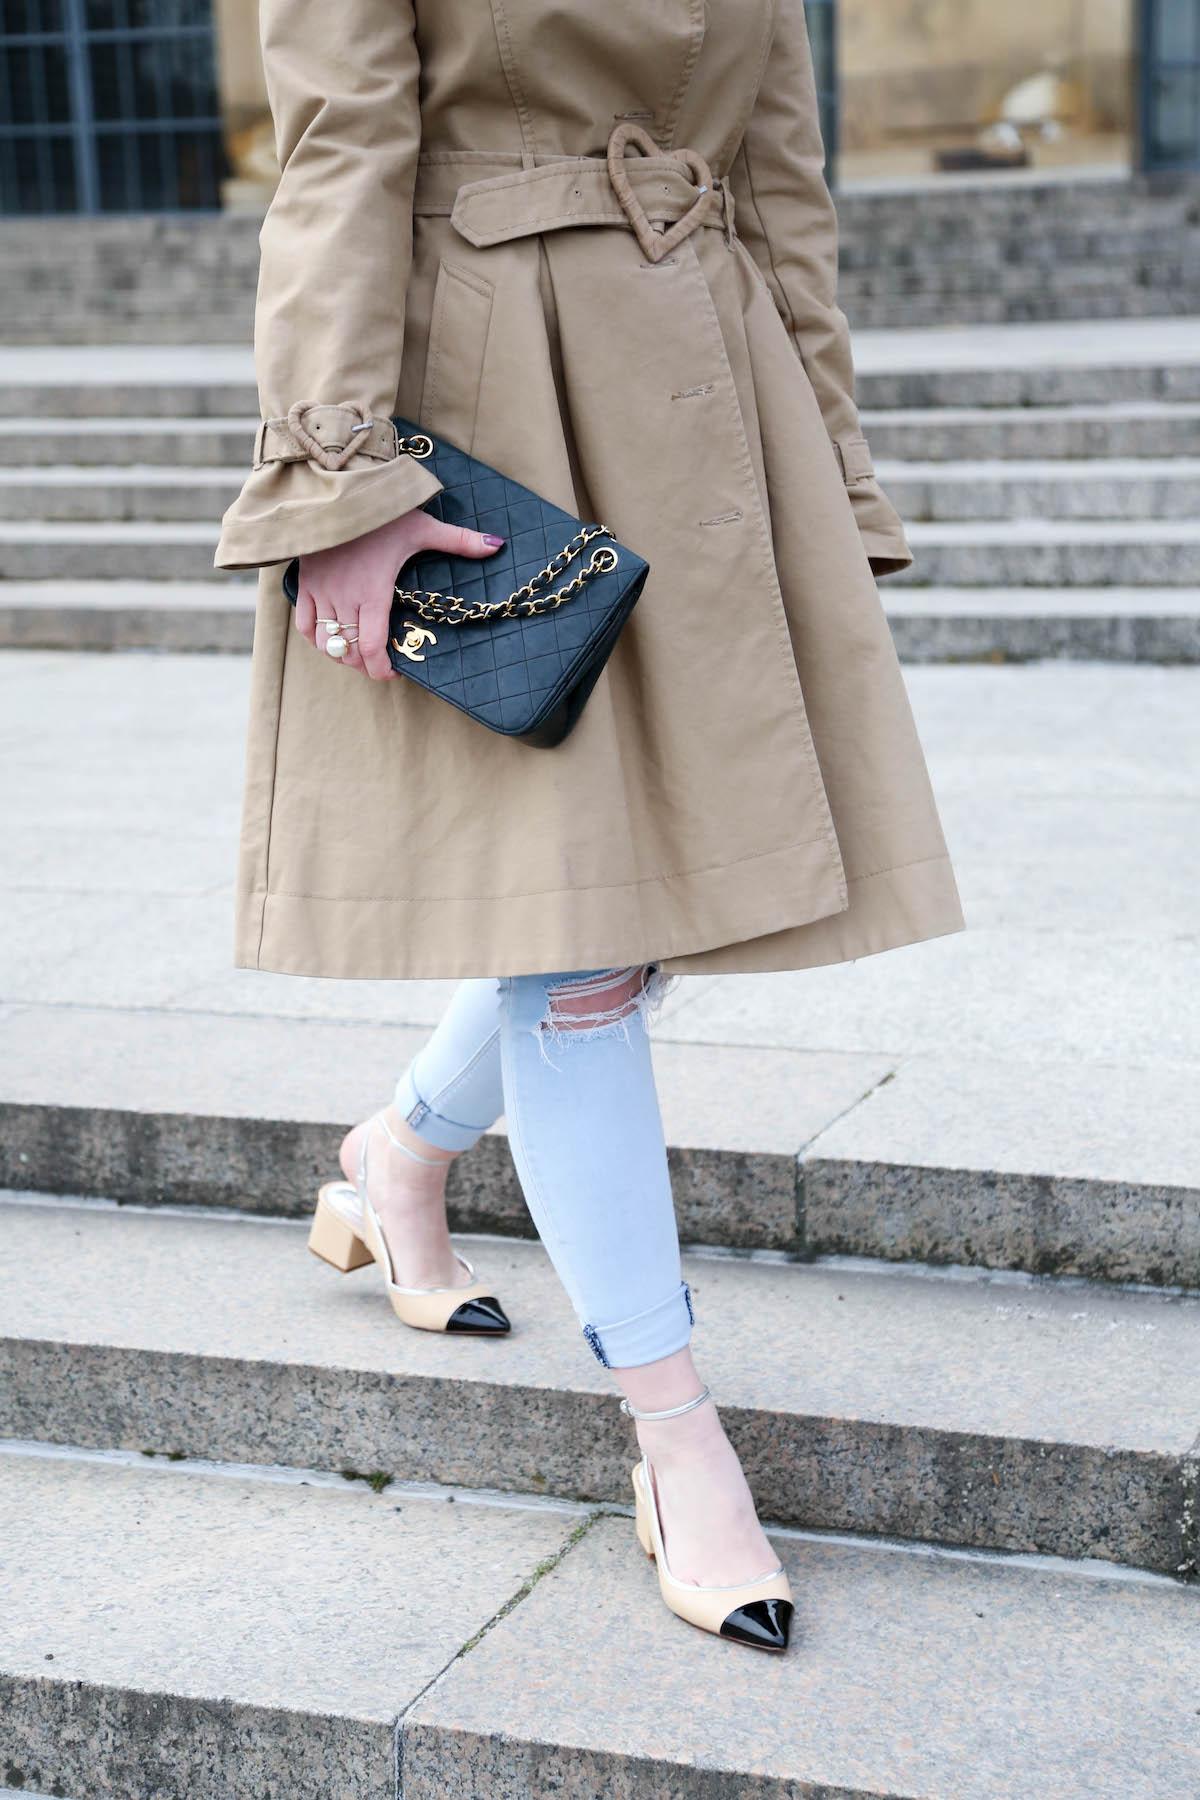 Chanel Tasche Details | Sara Bow